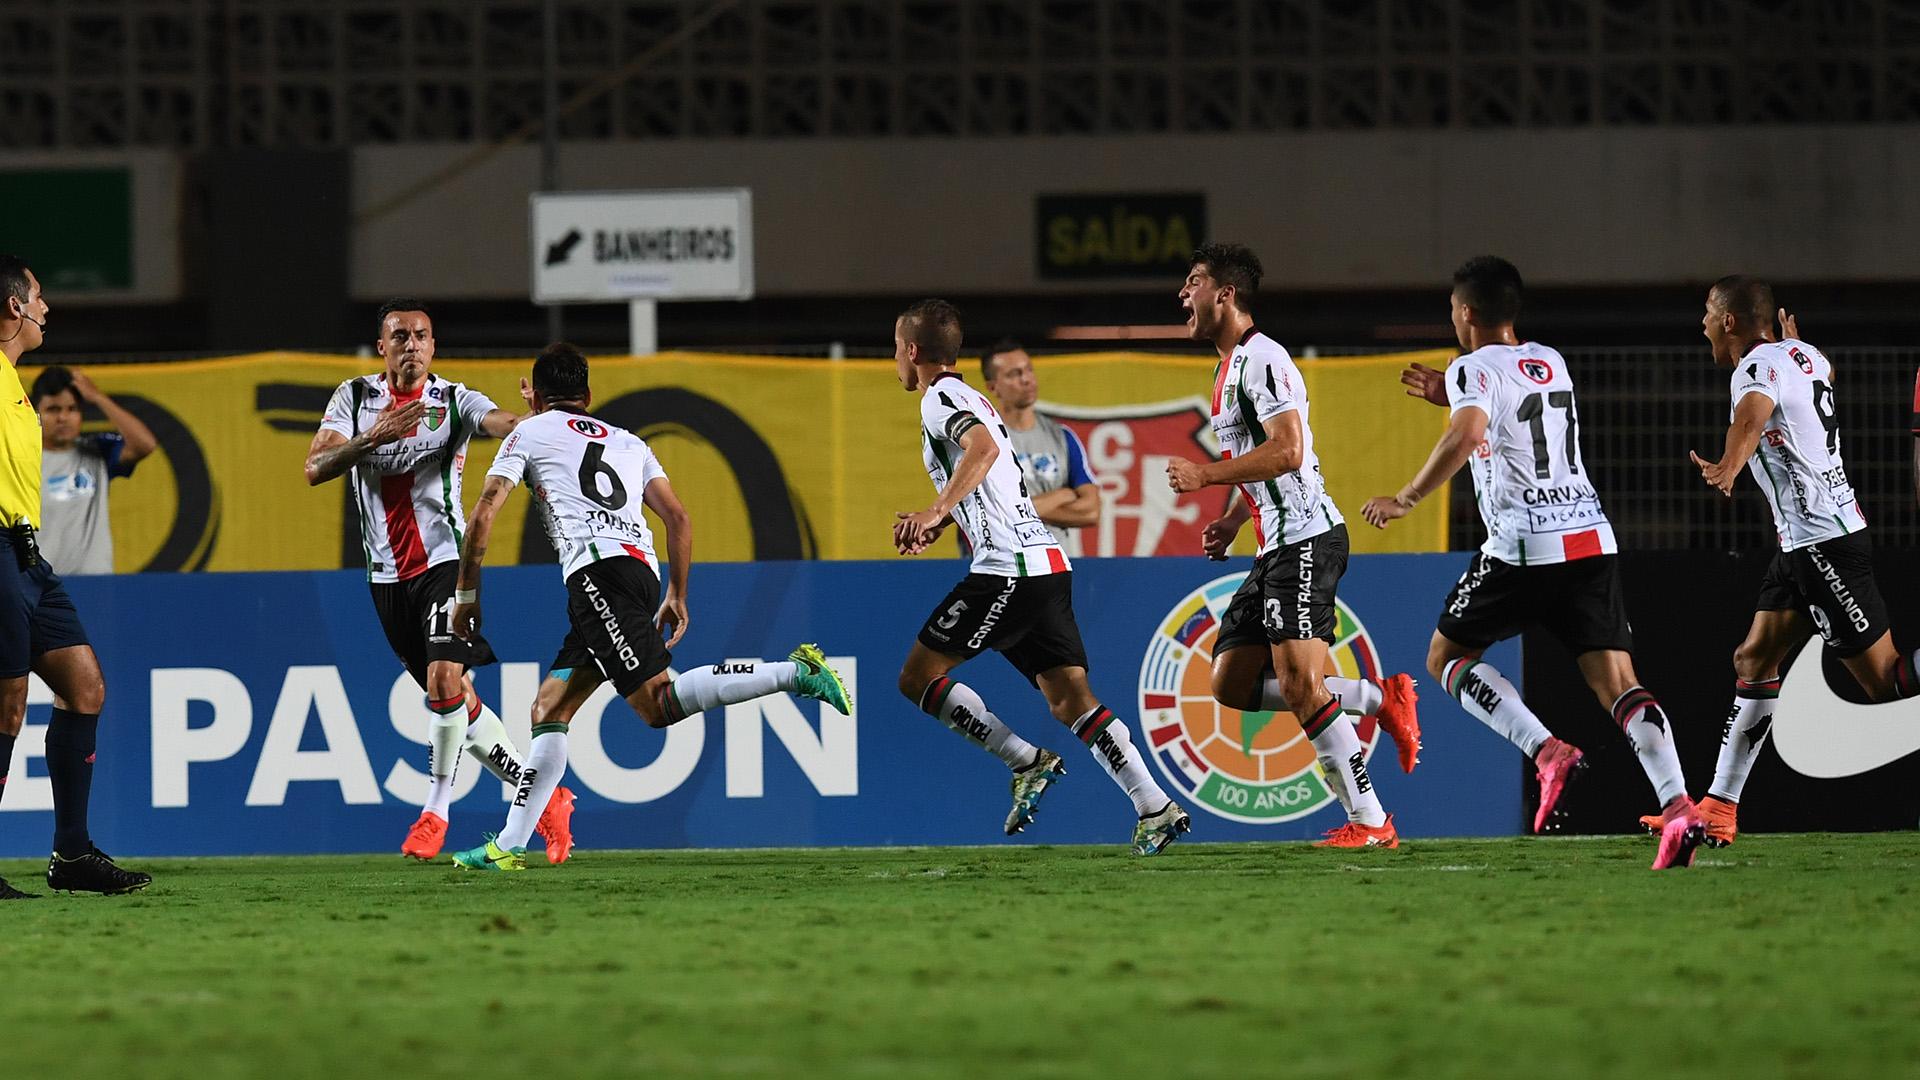 Cereceda Flamengo Palestino Copa Sudamericana 28092016